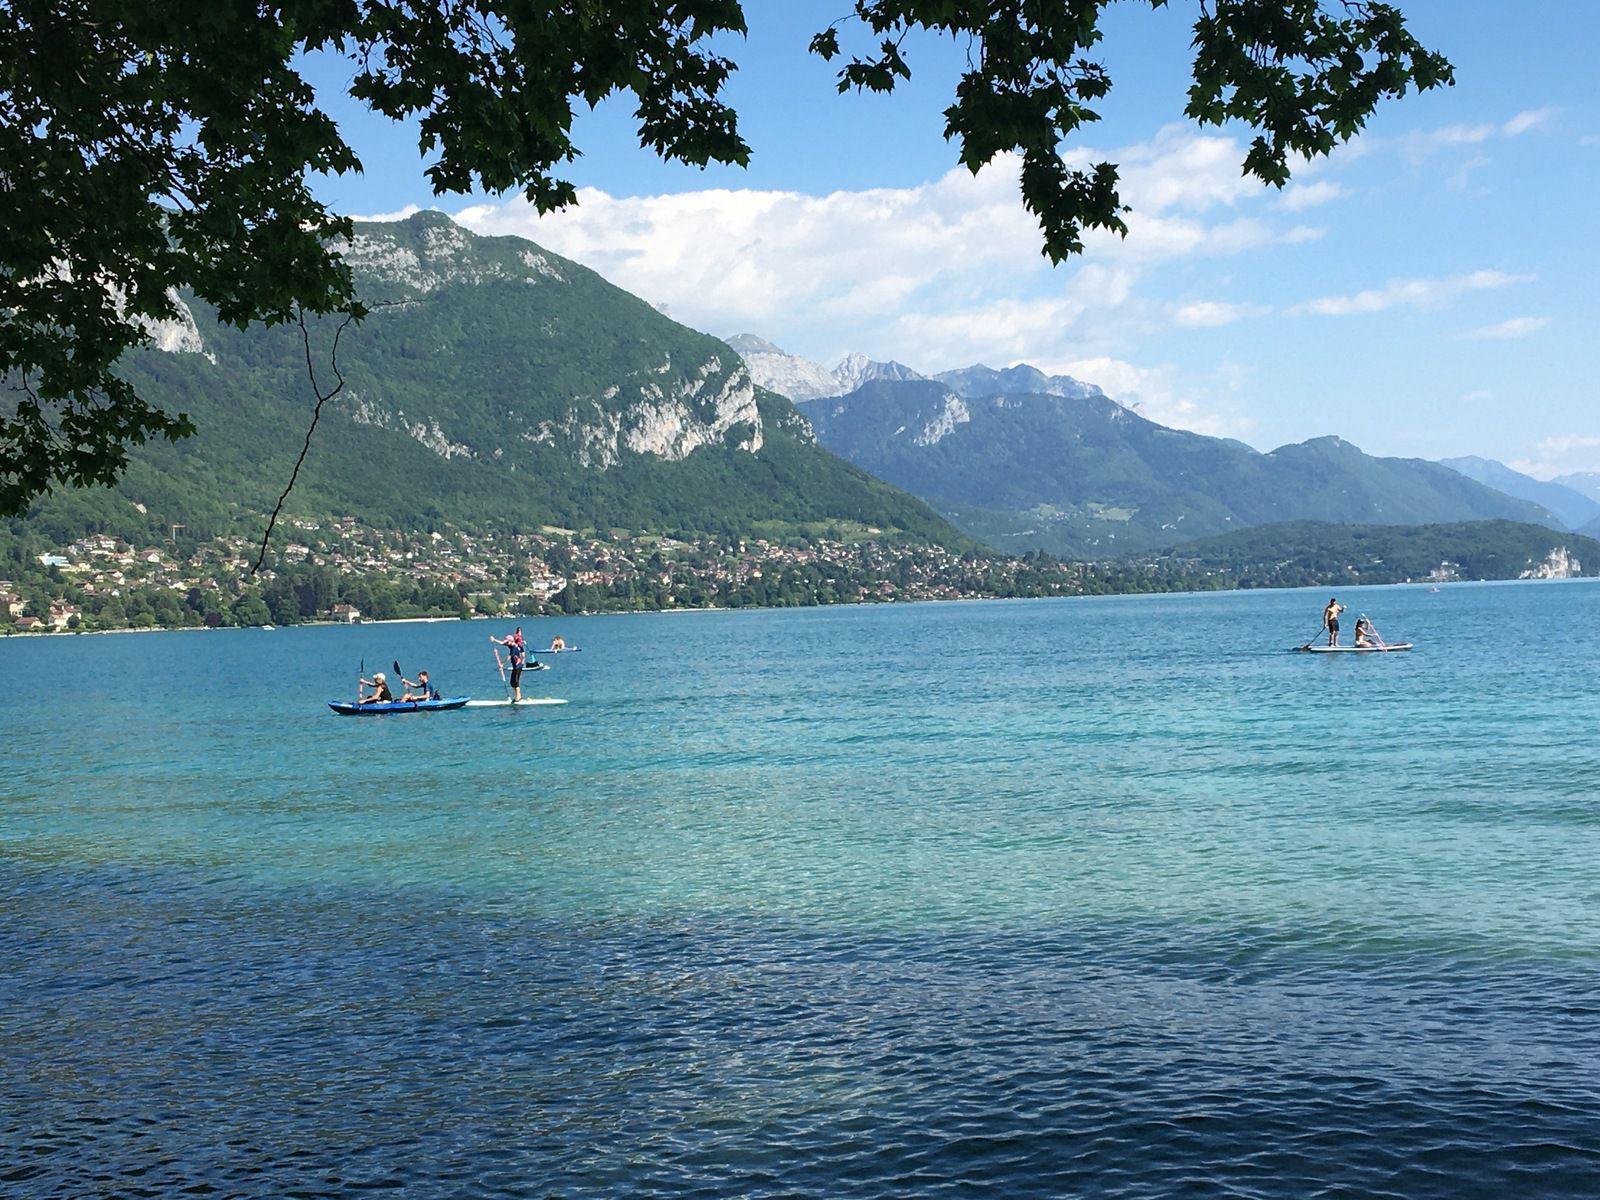 La lac d'Annecy (poème de Maurice Carême)